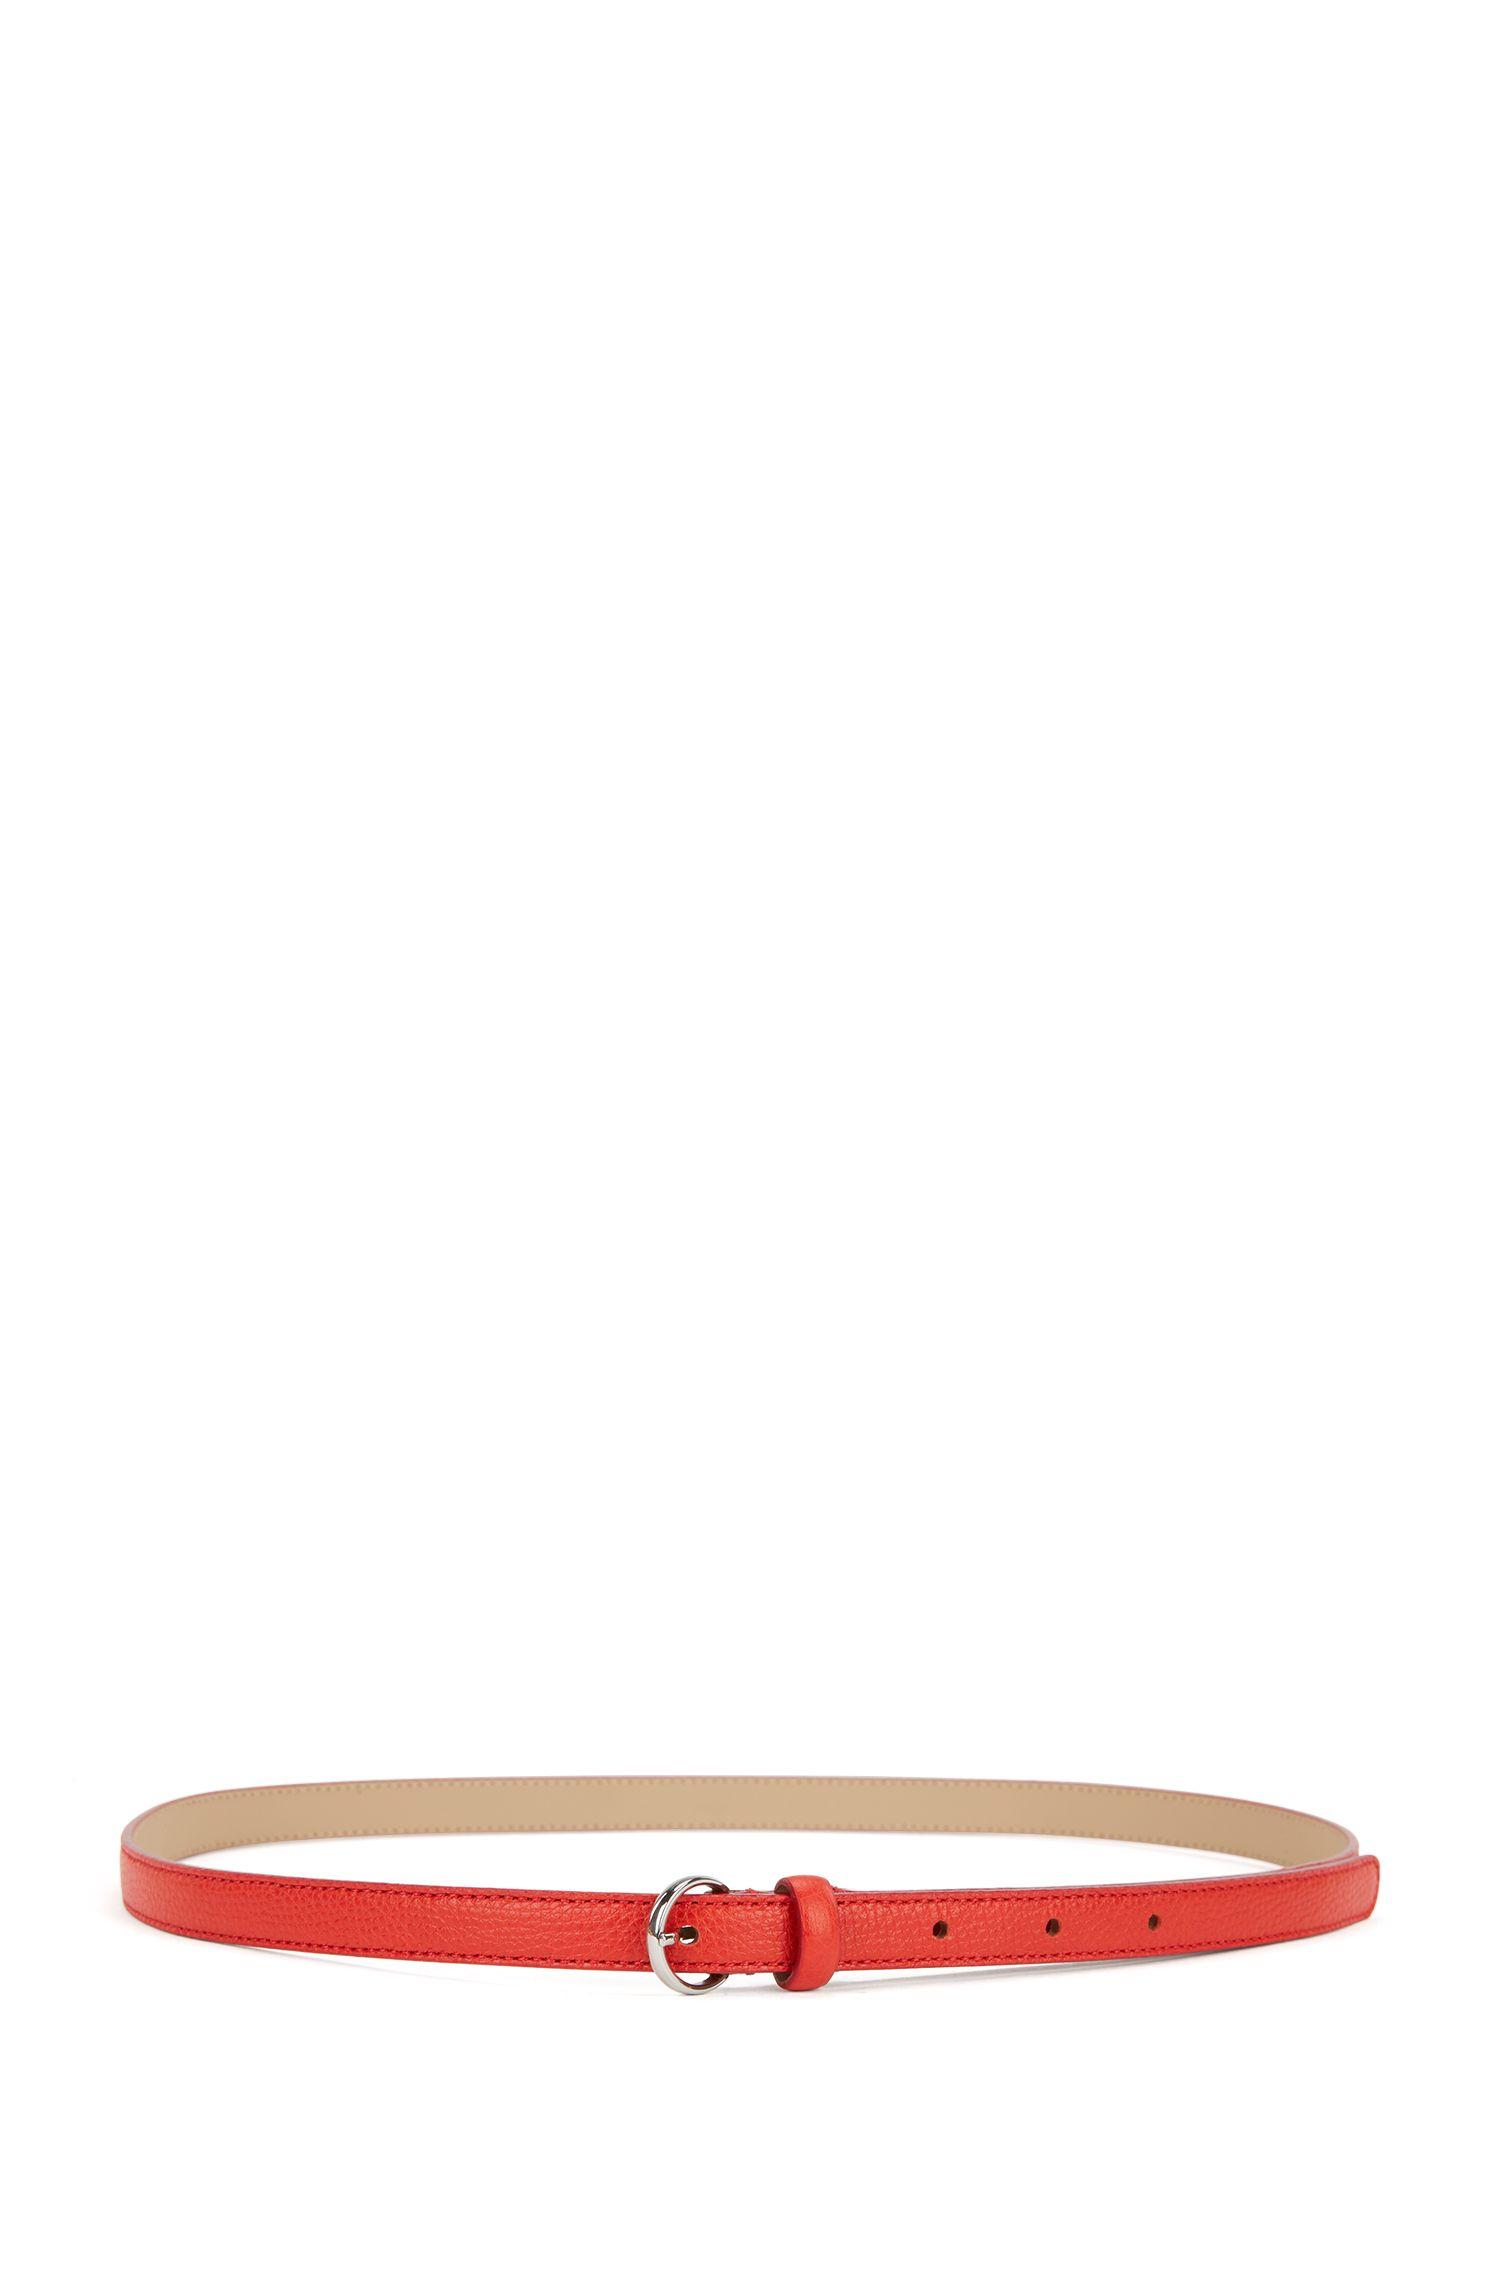 Cinturón delgado en piel italiana granulada